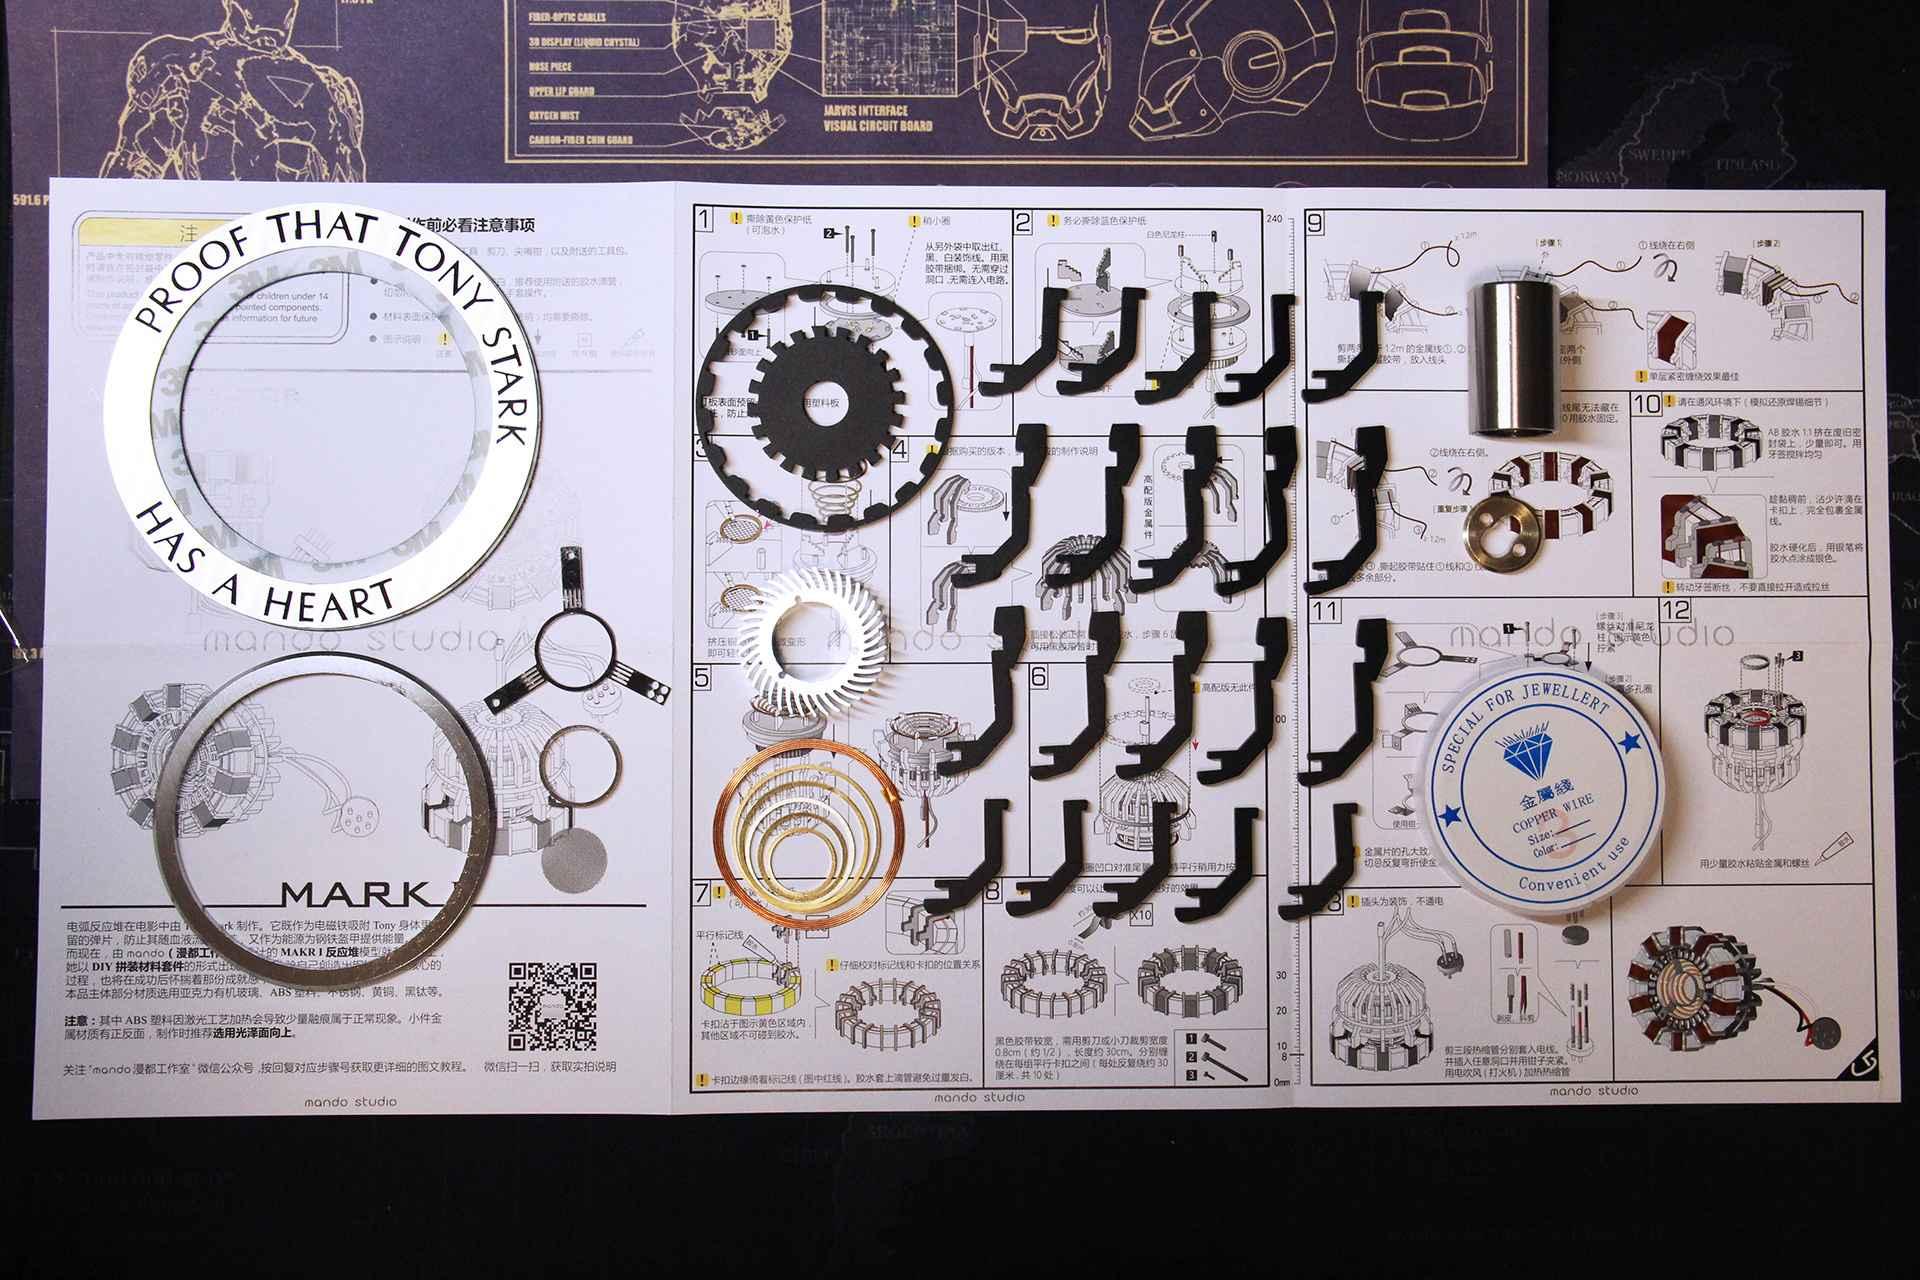 Reactor de Arco Tony Stark con luz LED 2020 6